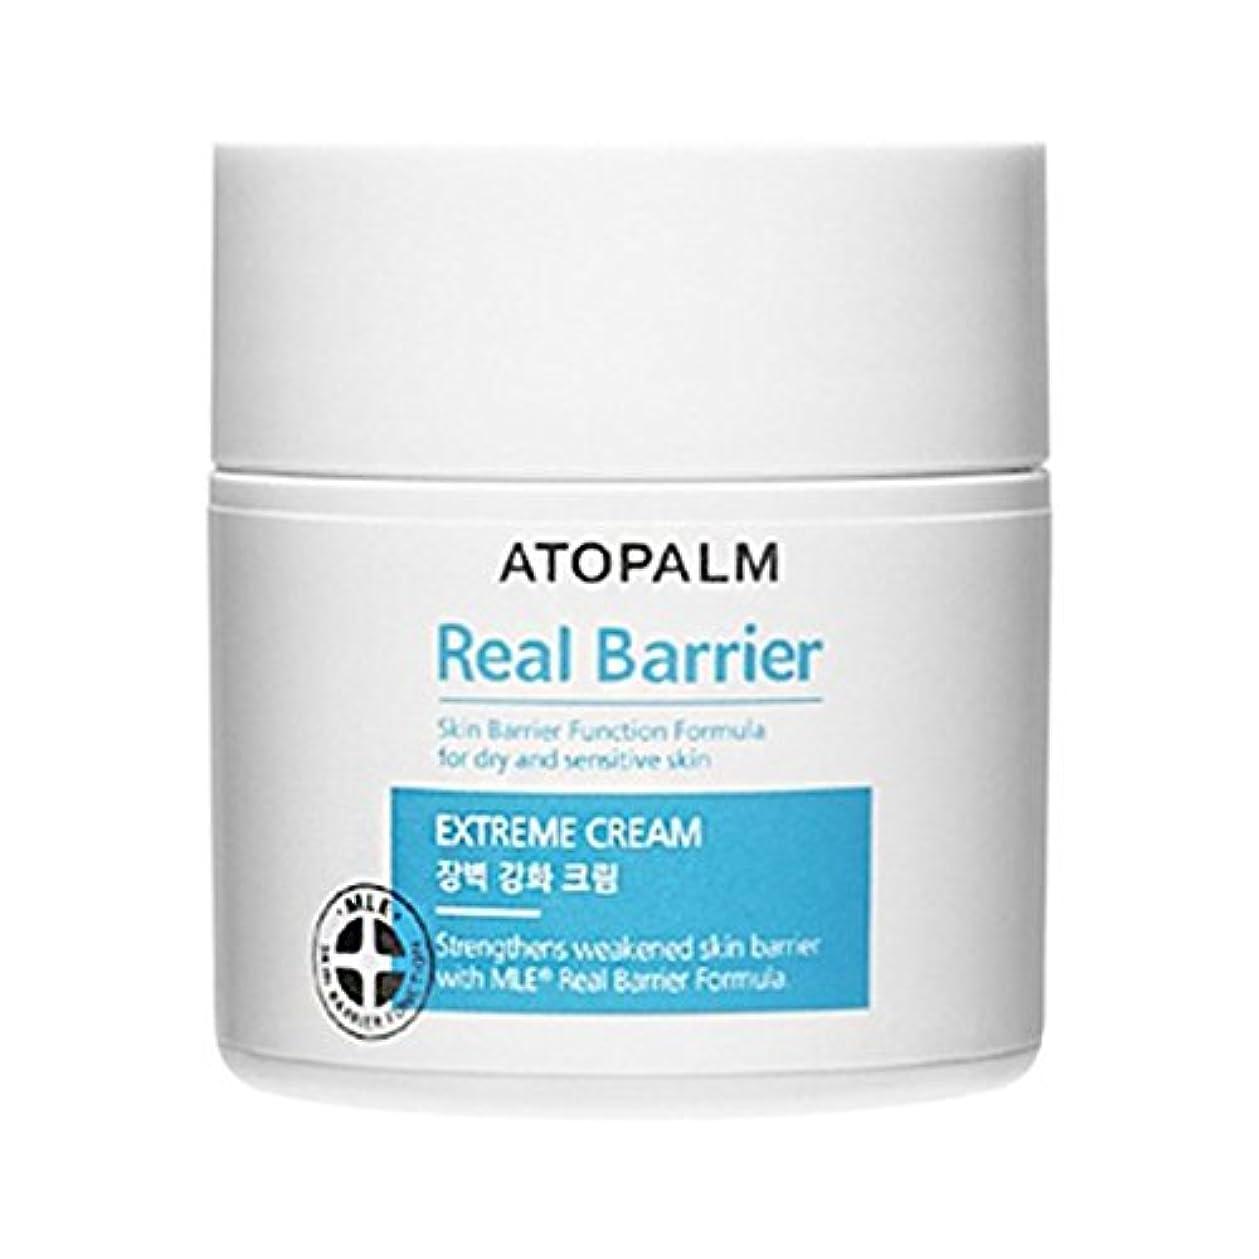 一般ゆでる愛アトファムリアルバリア?エクストリームクリーム50ml、韓国化粧品 ATOPALM Real Barrier Extream Cream 50ml, Korean Cosmetics [並行輸入品]